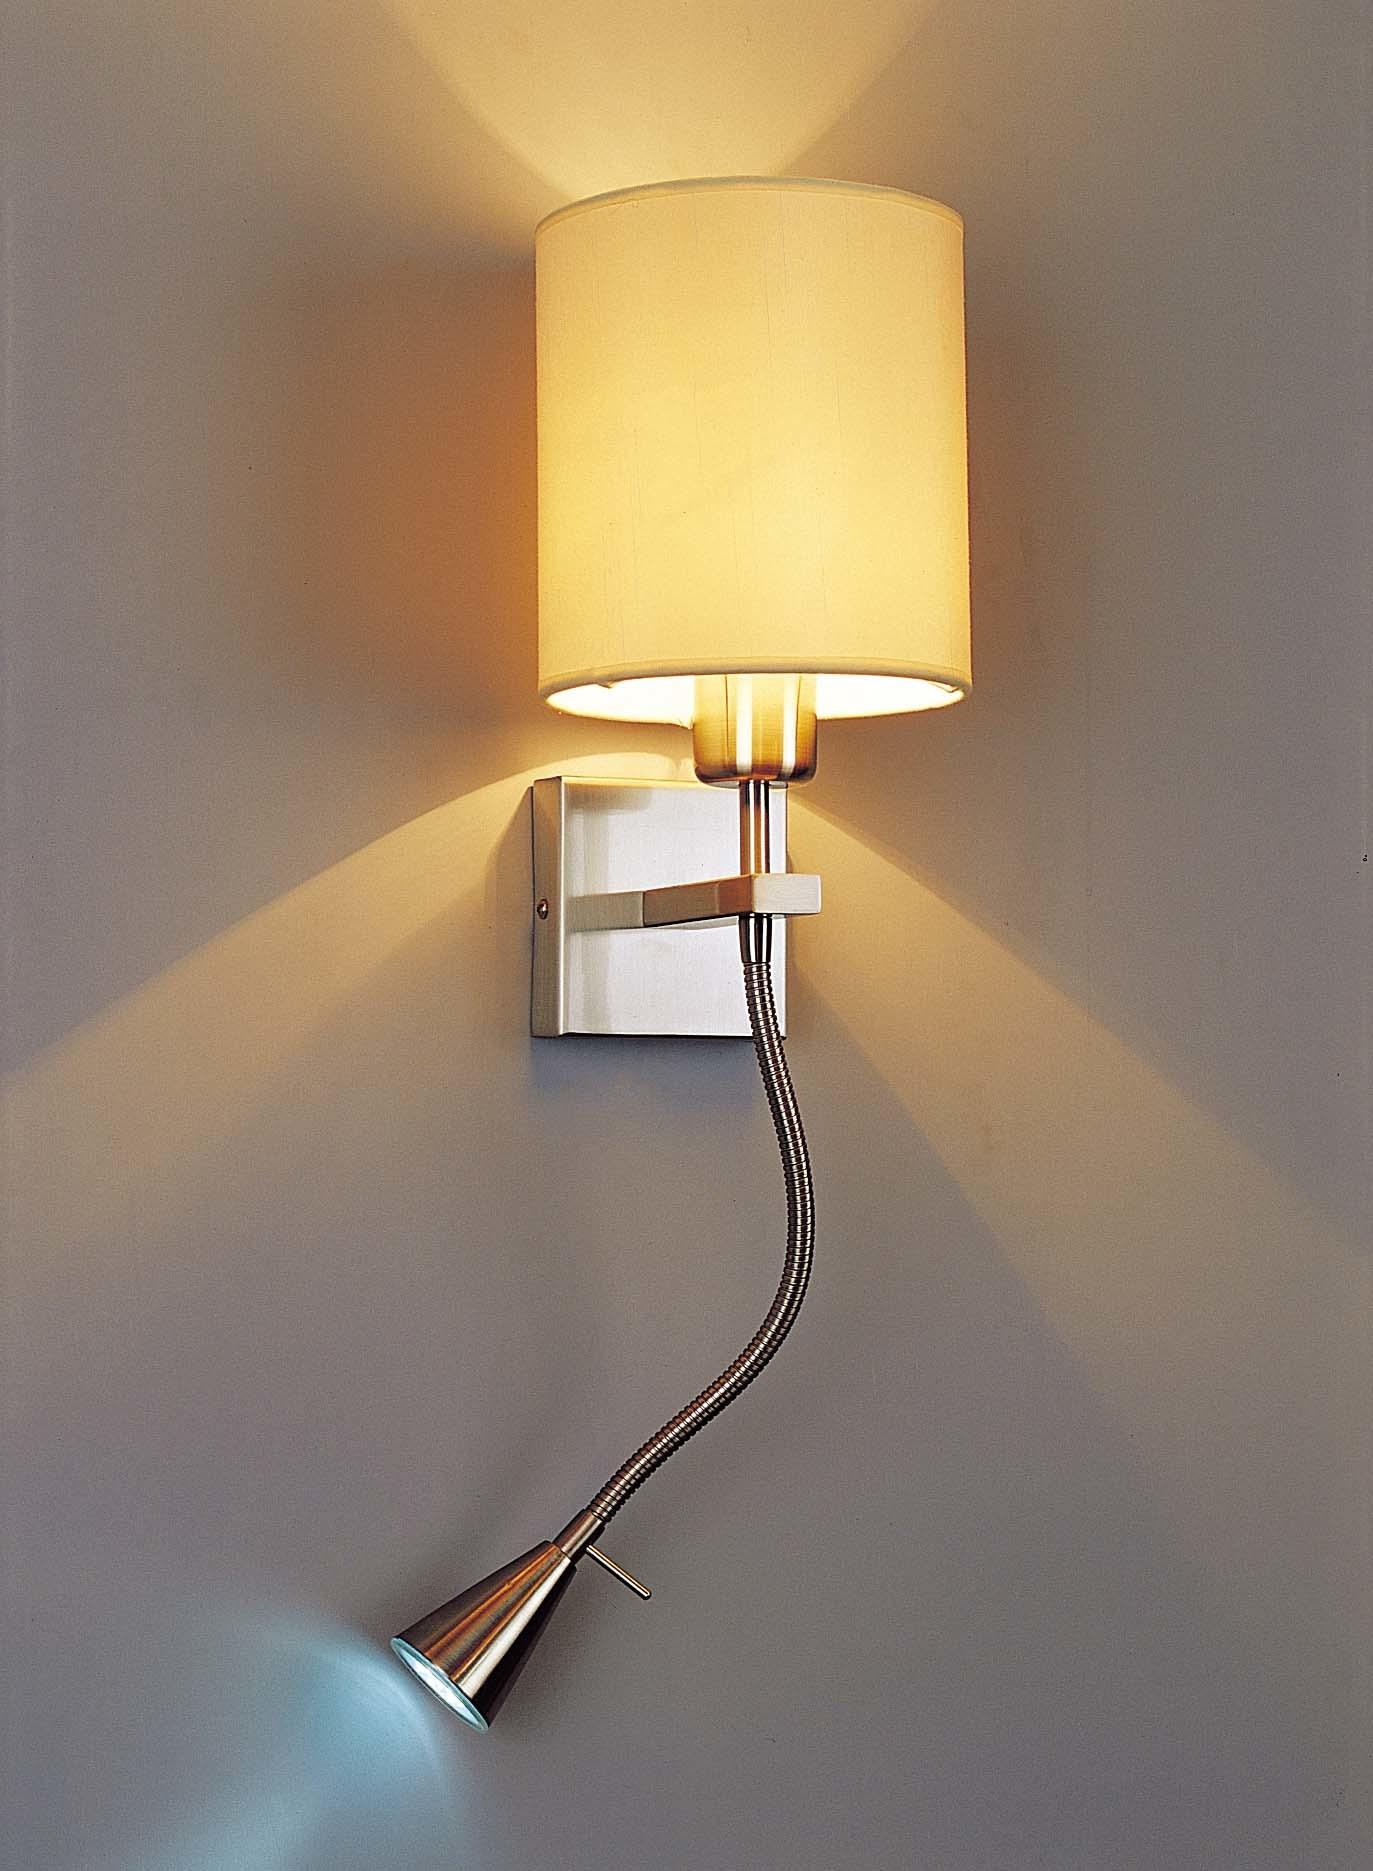 China Hotel Wall Lamp (WL-3040-2) - China wall lamp, lamp